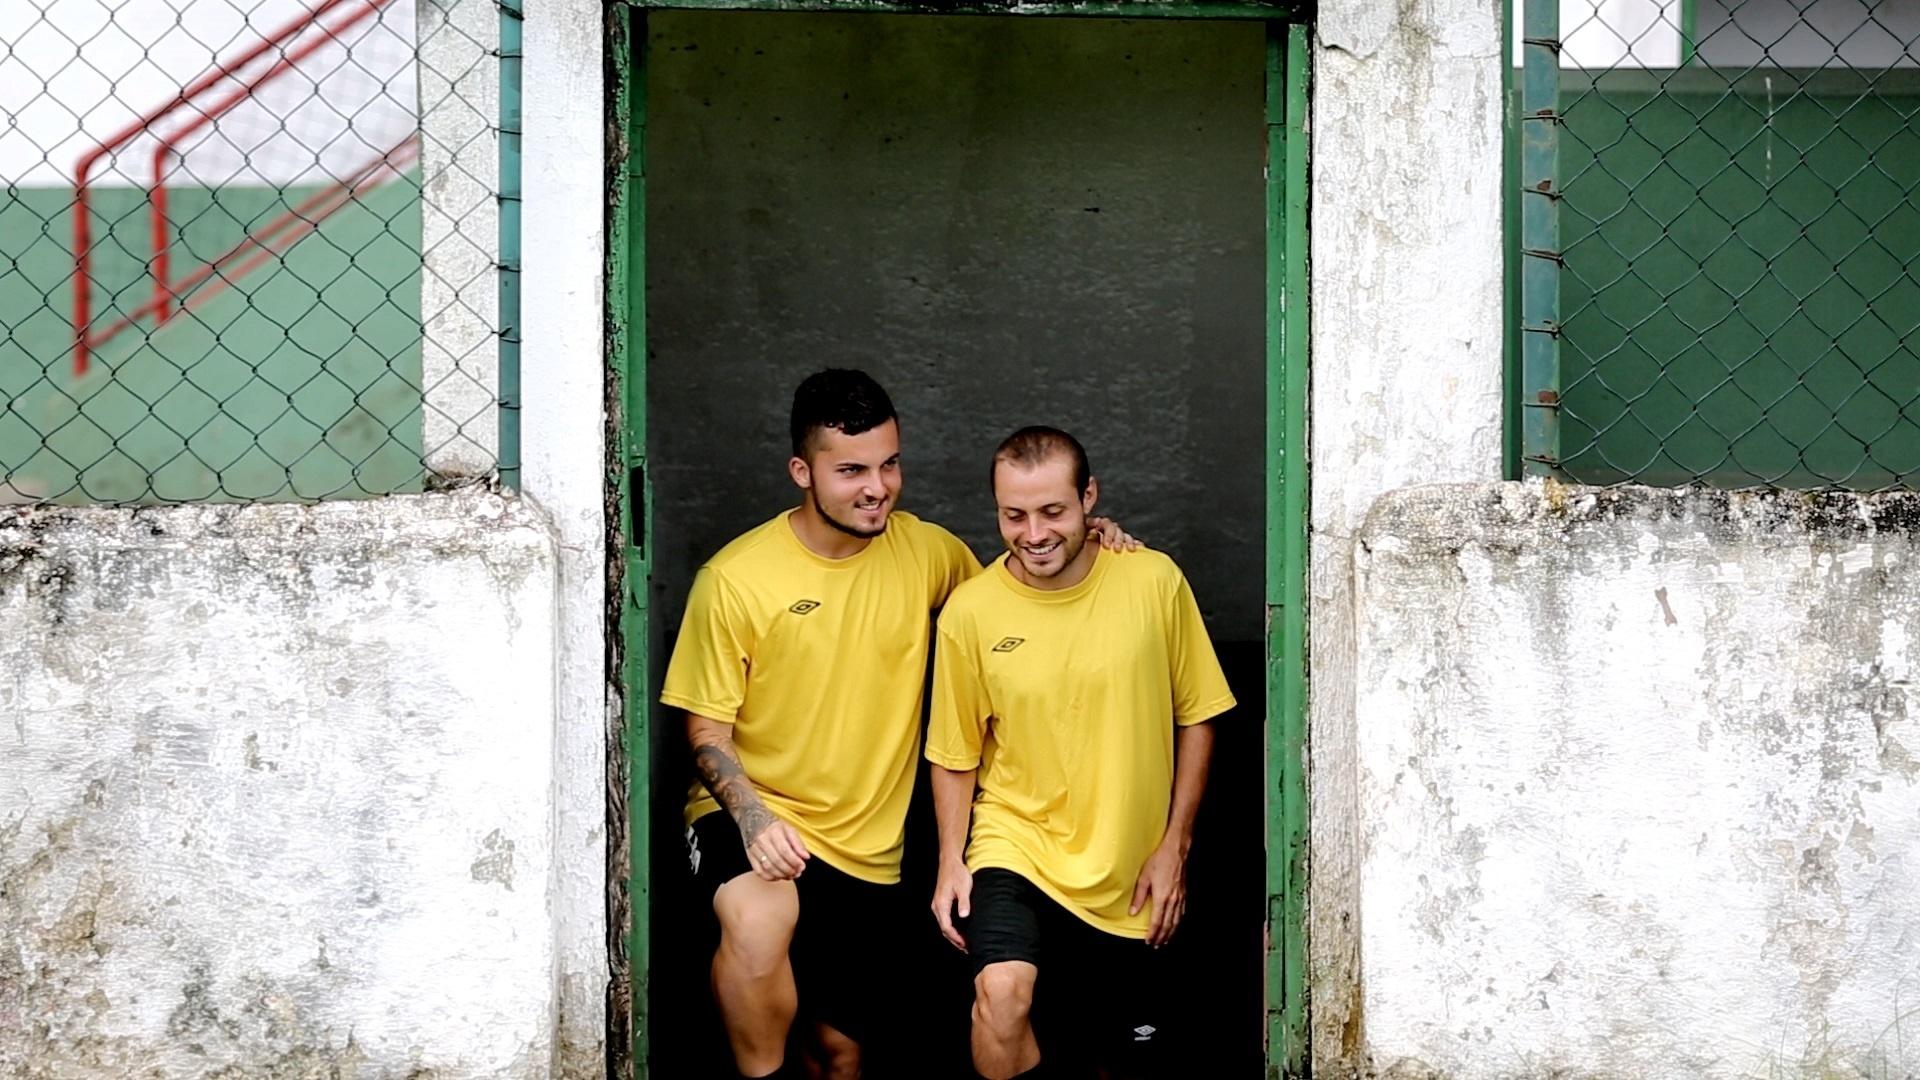 Jean Chera conversa com companheiro antes de treino da Portuguesa Santista